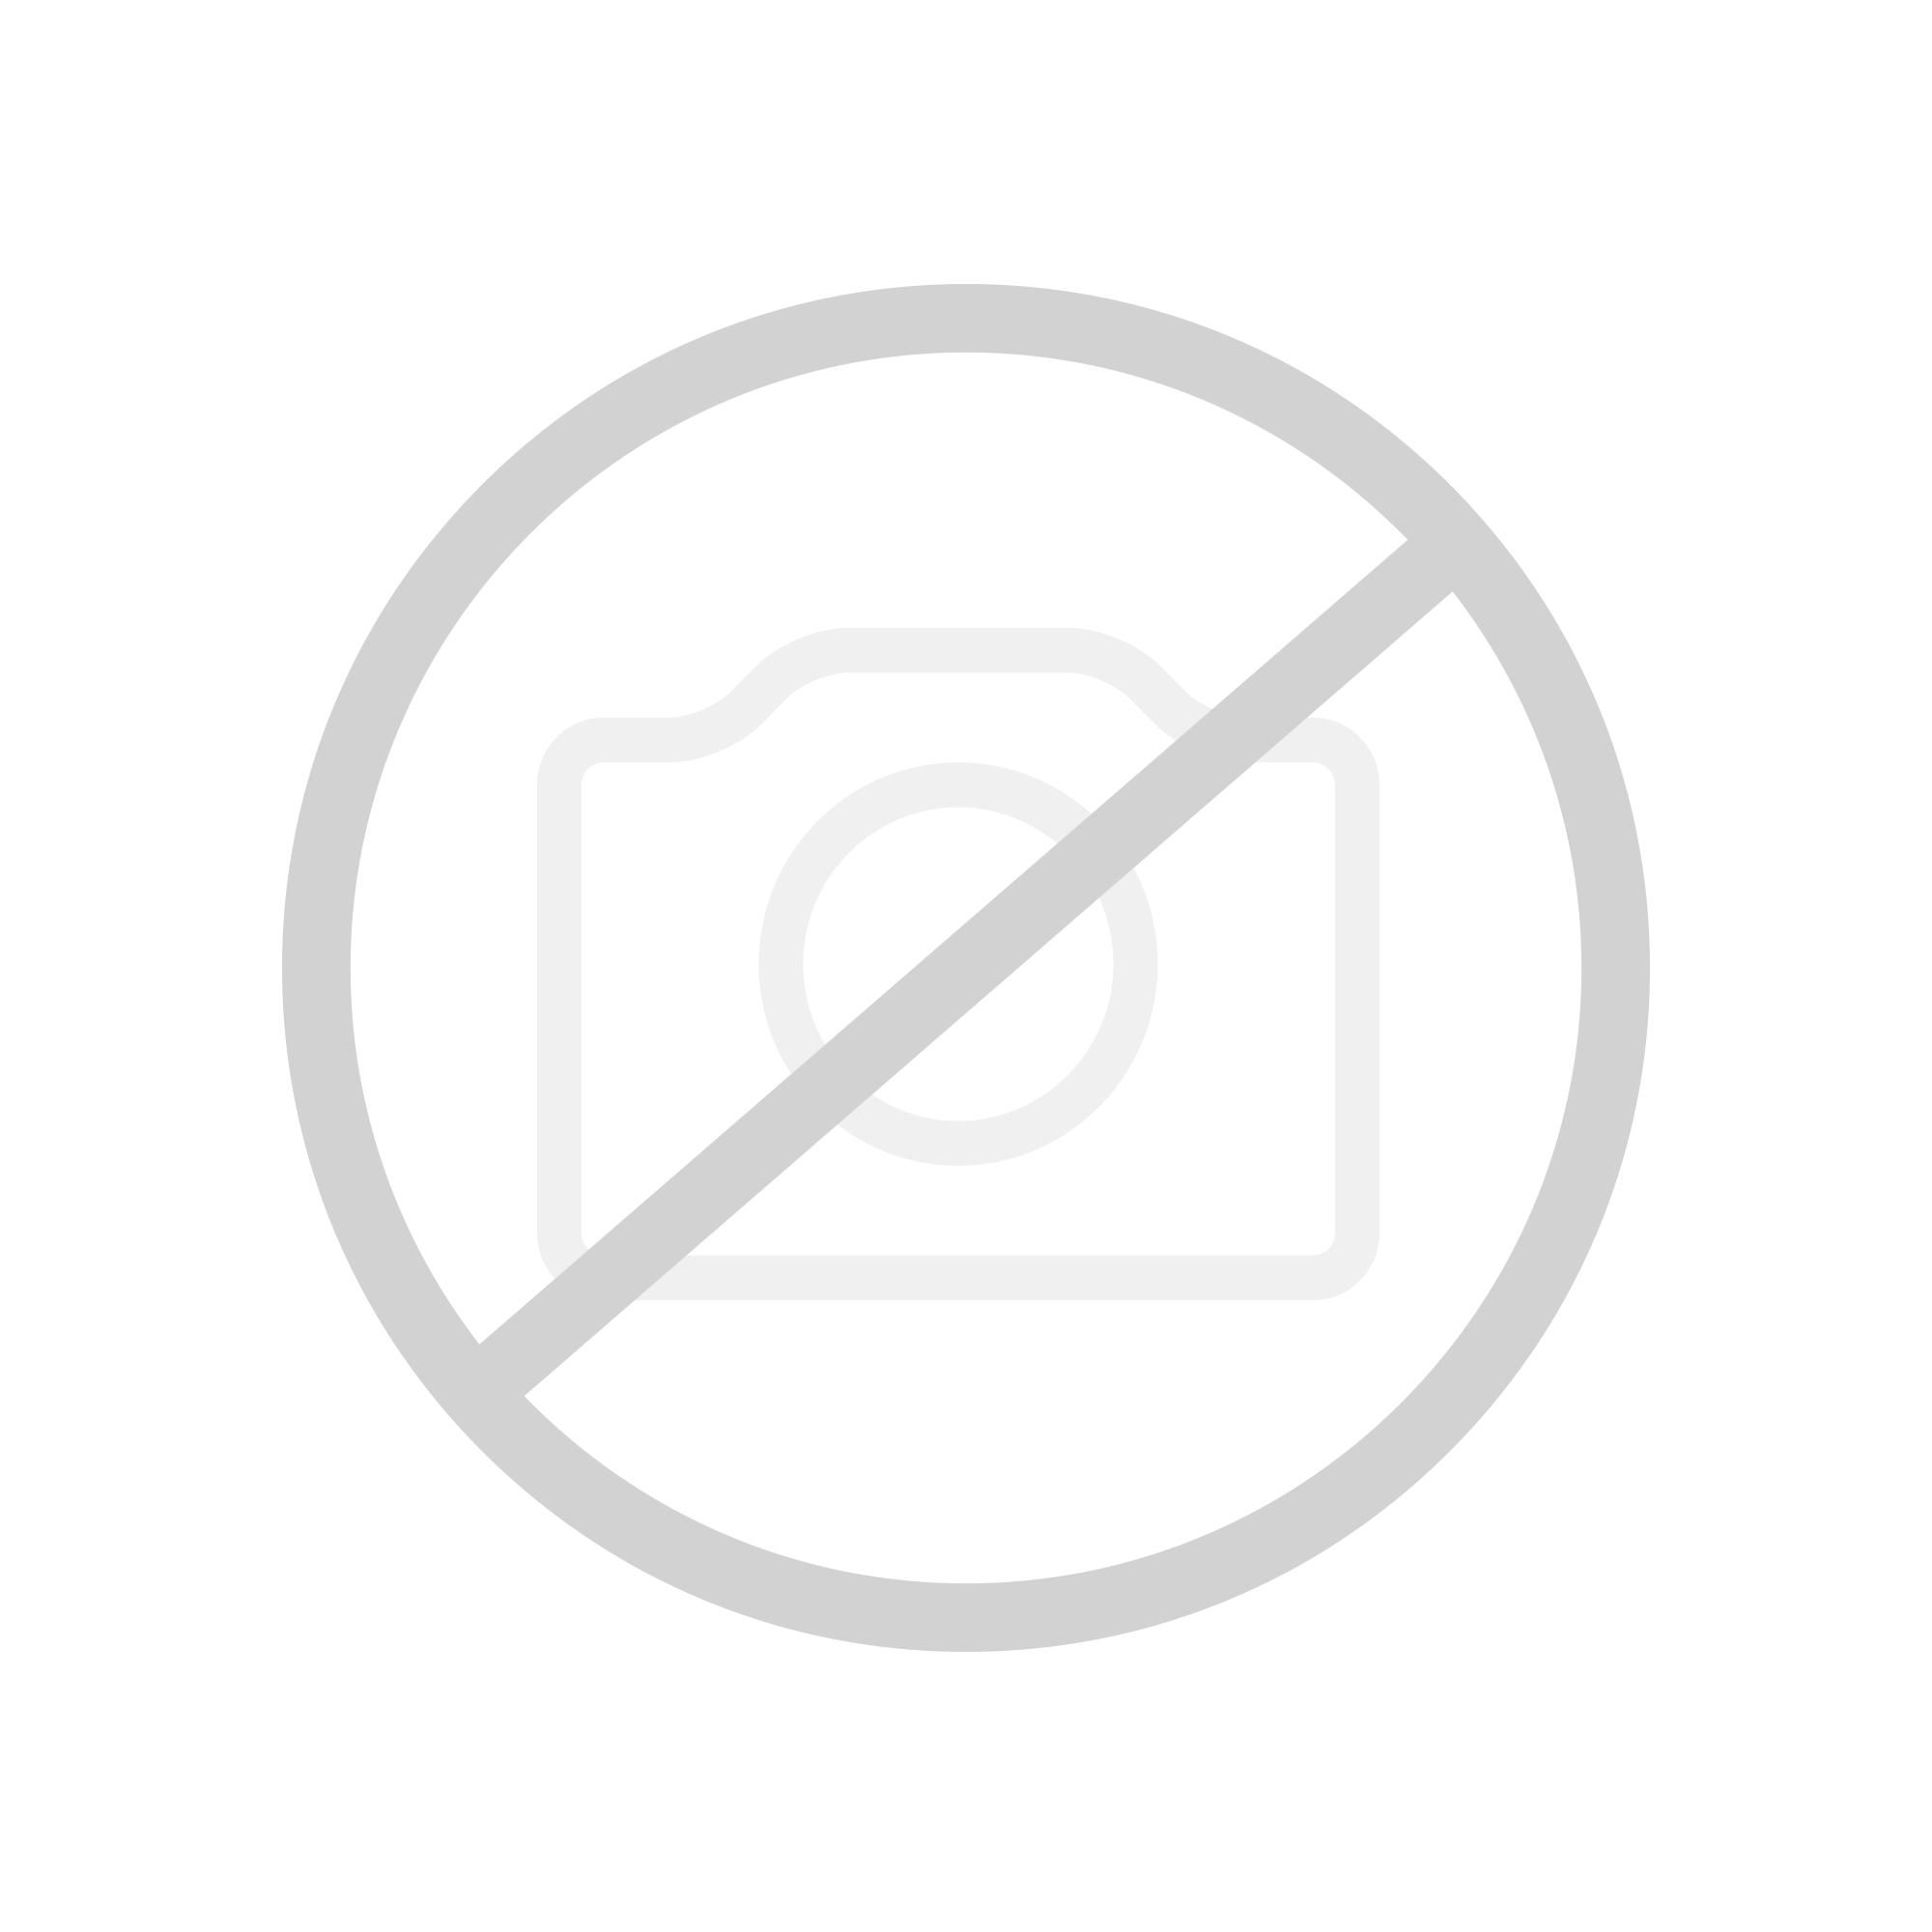 Victoria + Albert Amalfi 55 Aufsatzwaschtisch weiß